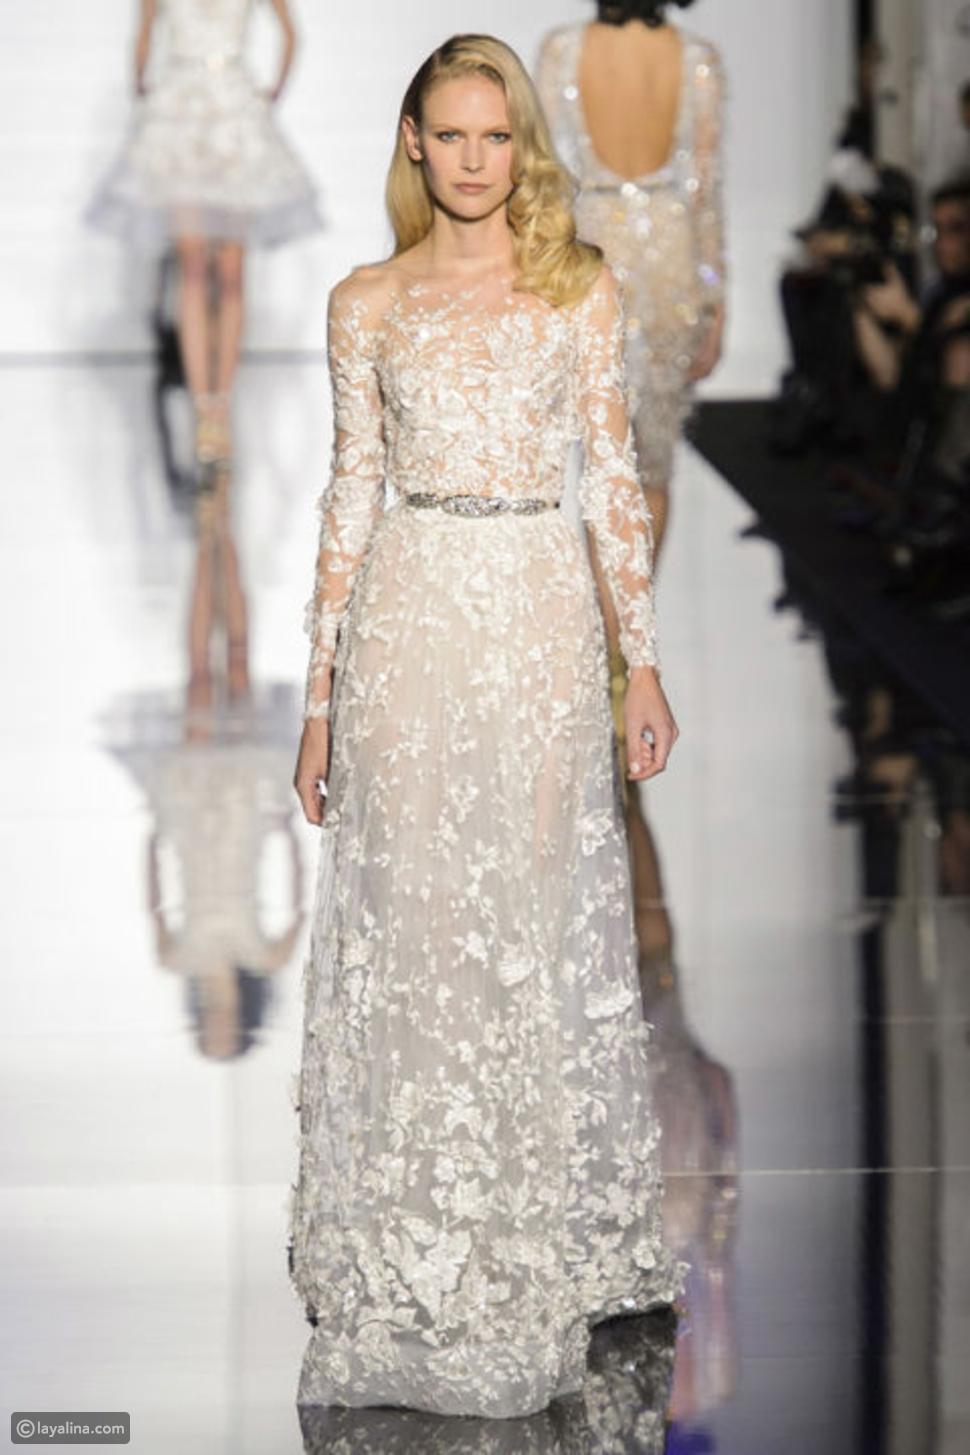 4 إطلالات عروس جديدة لتواكبي صيحات الموضة هذا الموسم